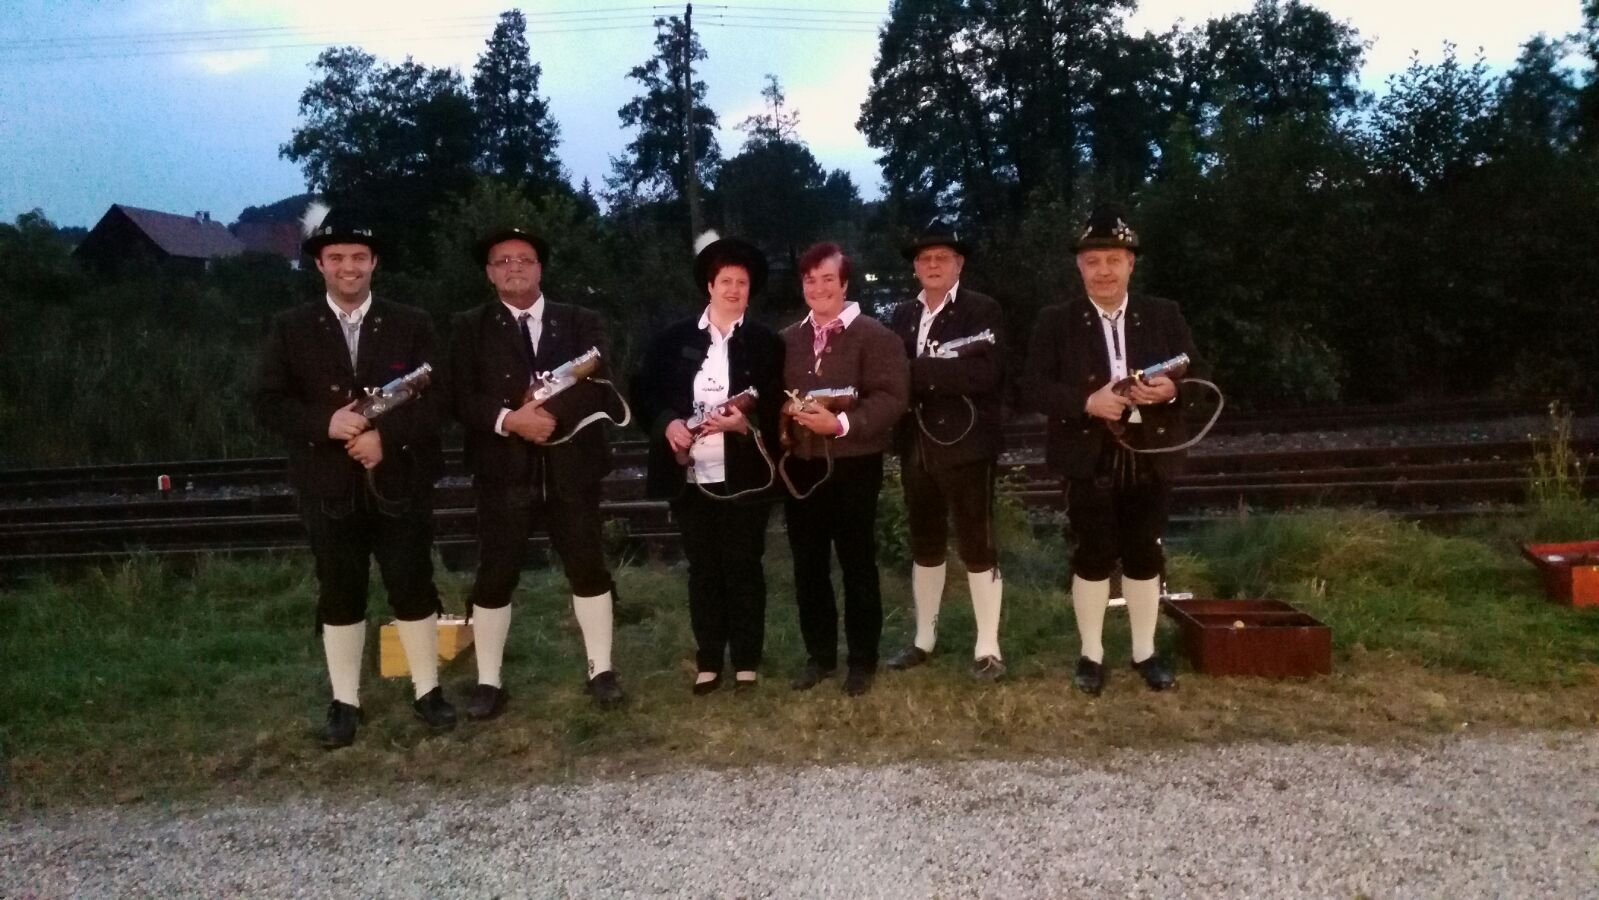 Oktoberfest Langenneufnach   23.09.2016